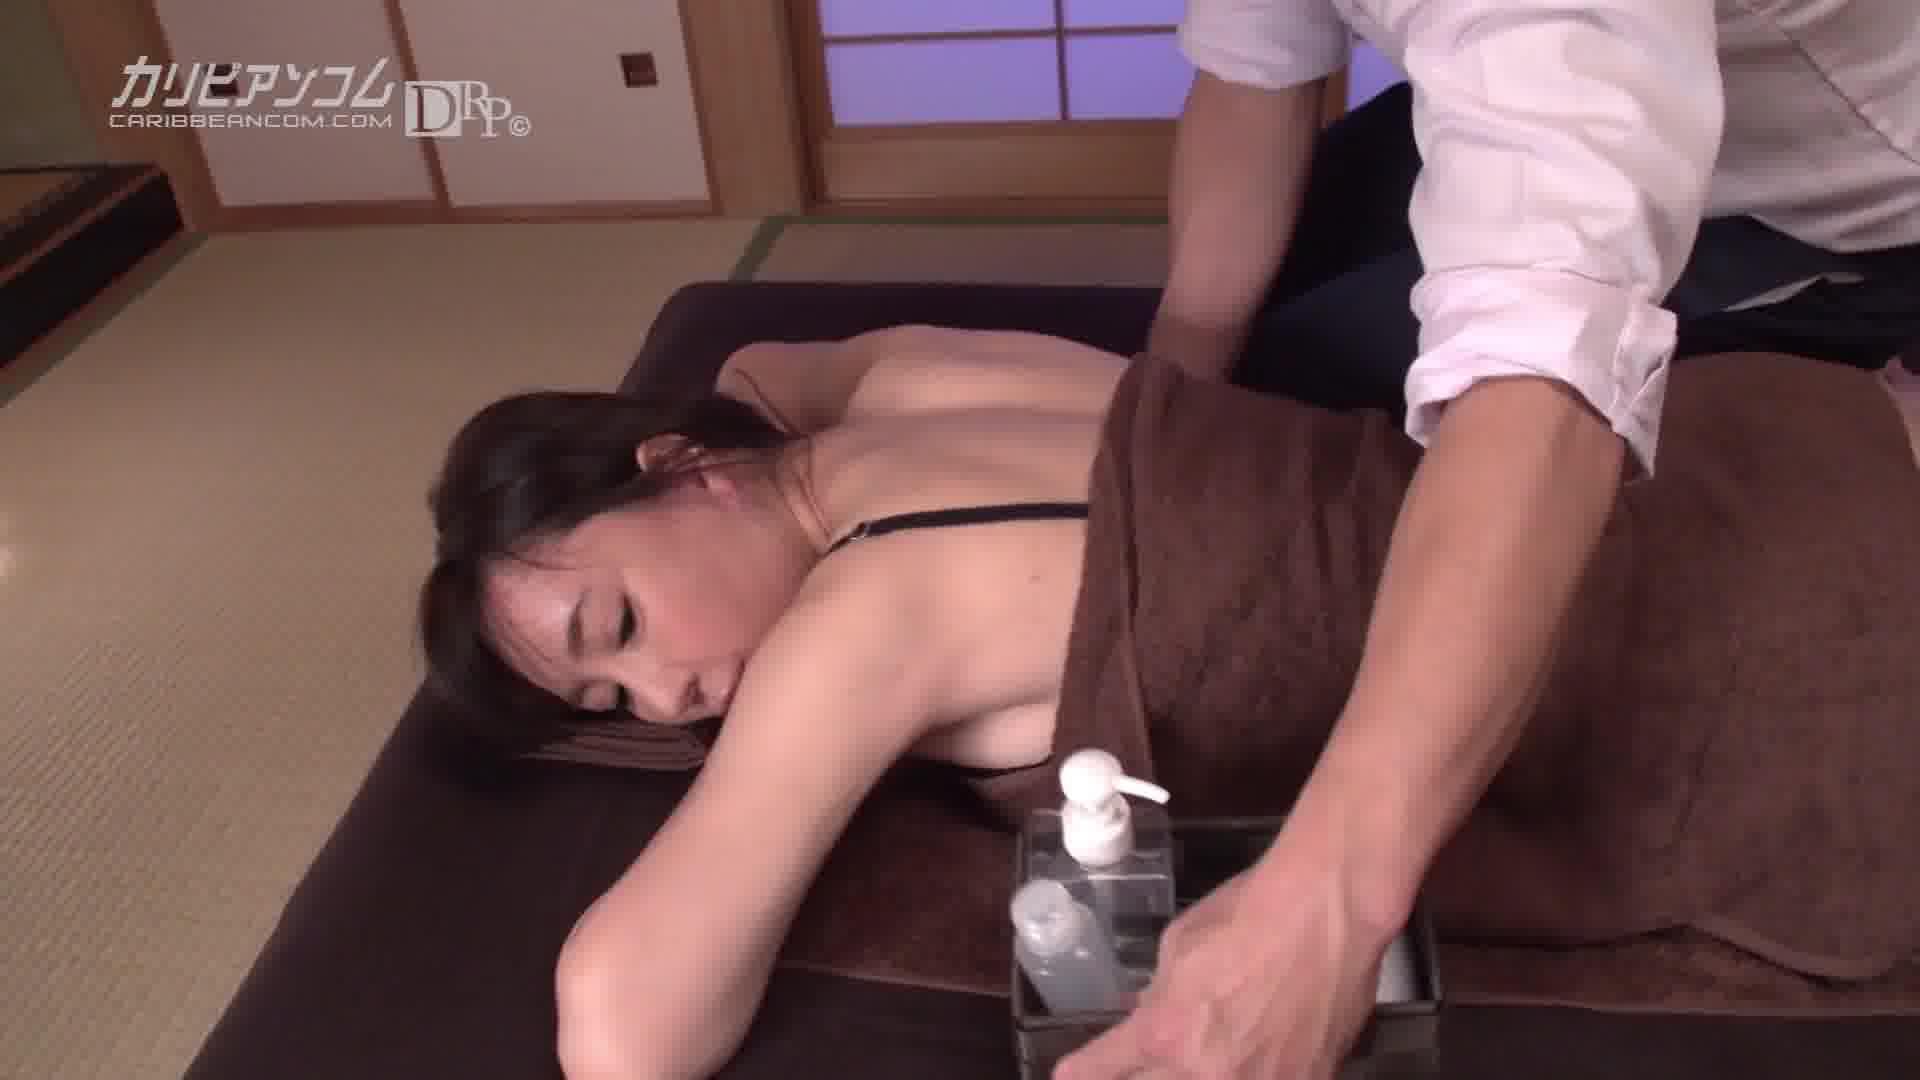 極上セレブ婦人 Vol.9 - 逢沢はるか【美乳・クンニ・初裏】